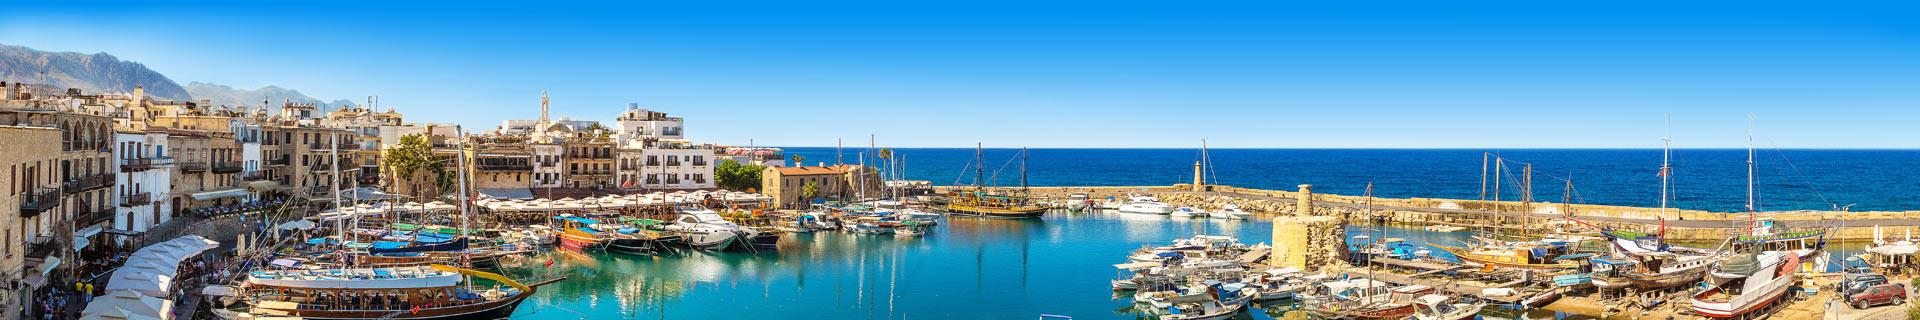 Haven, met boten en uitzicht over de zee in Cyprus